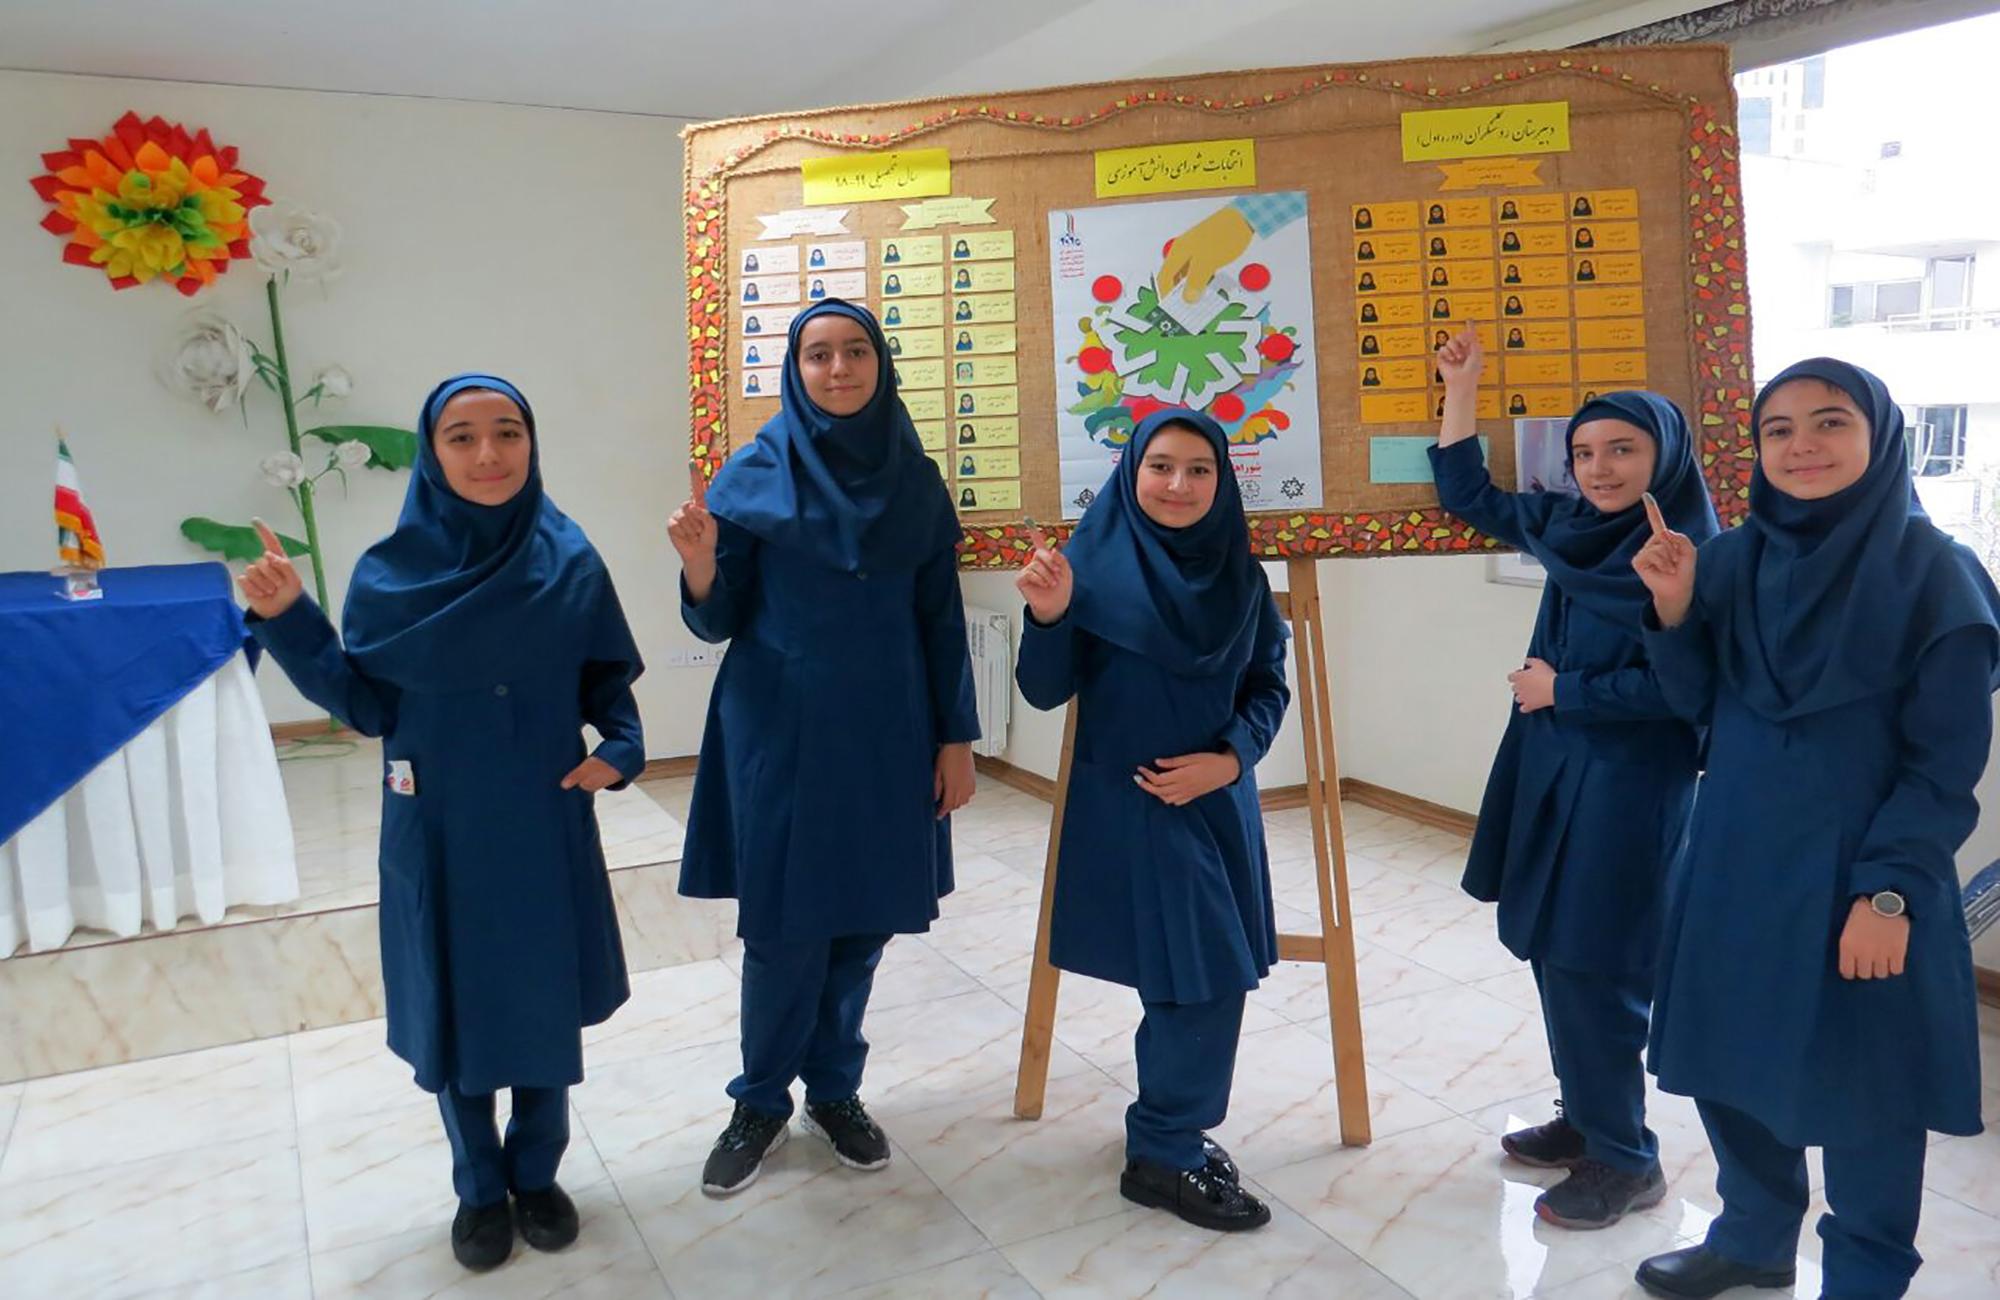 انتخابات شورای دانش آموزی (6)